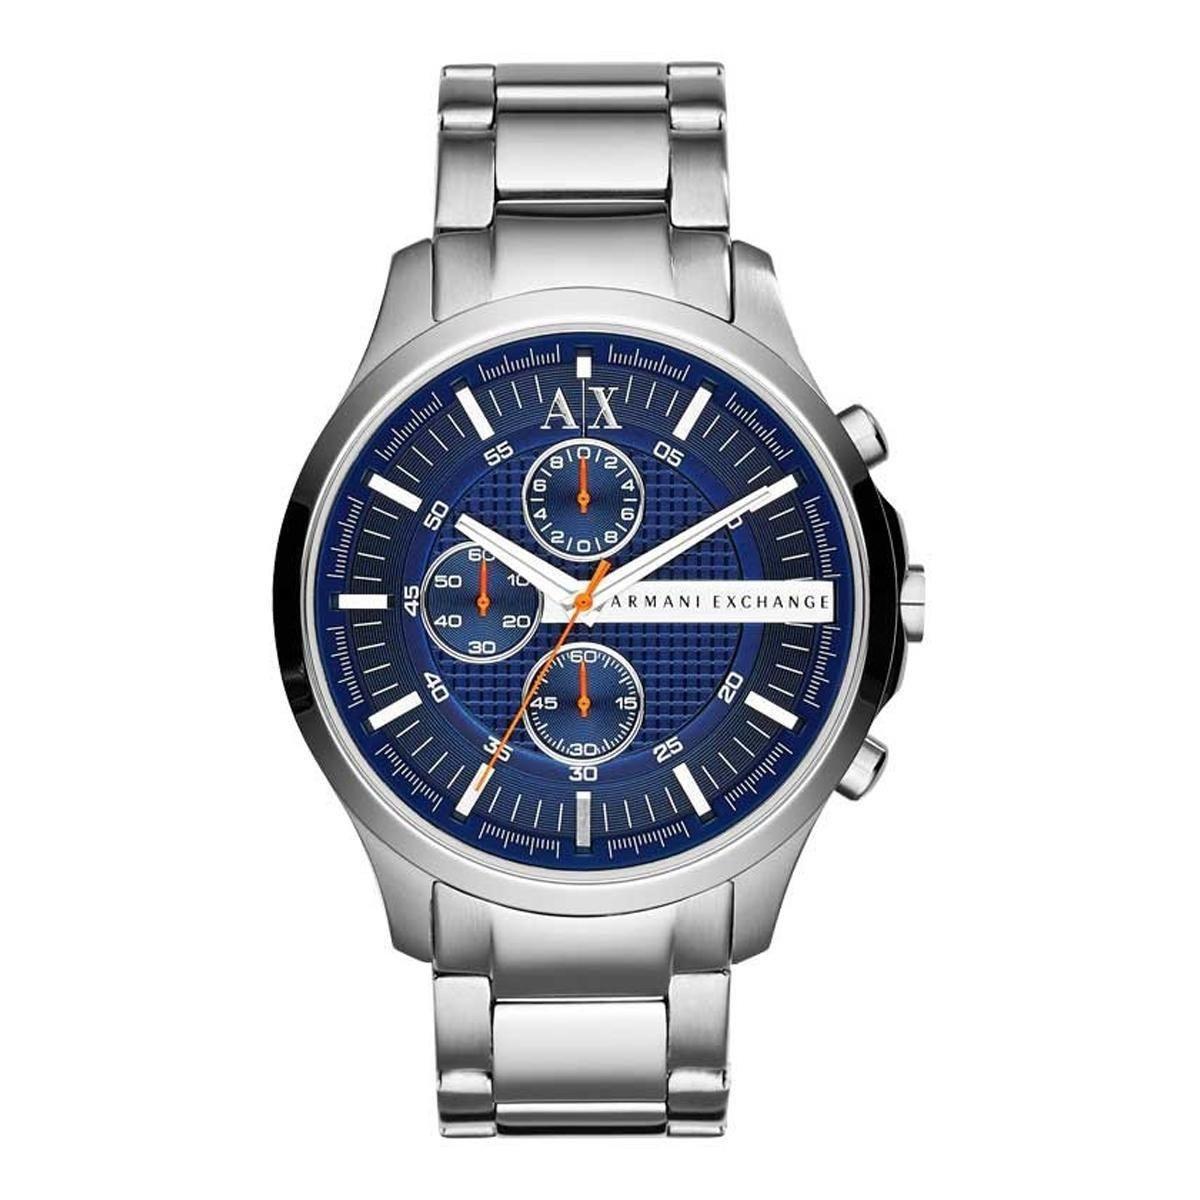 e2b31f6dfe5a8 Relógio Masculino Armani Exchange Ax2155 1Ai - Compre Agora